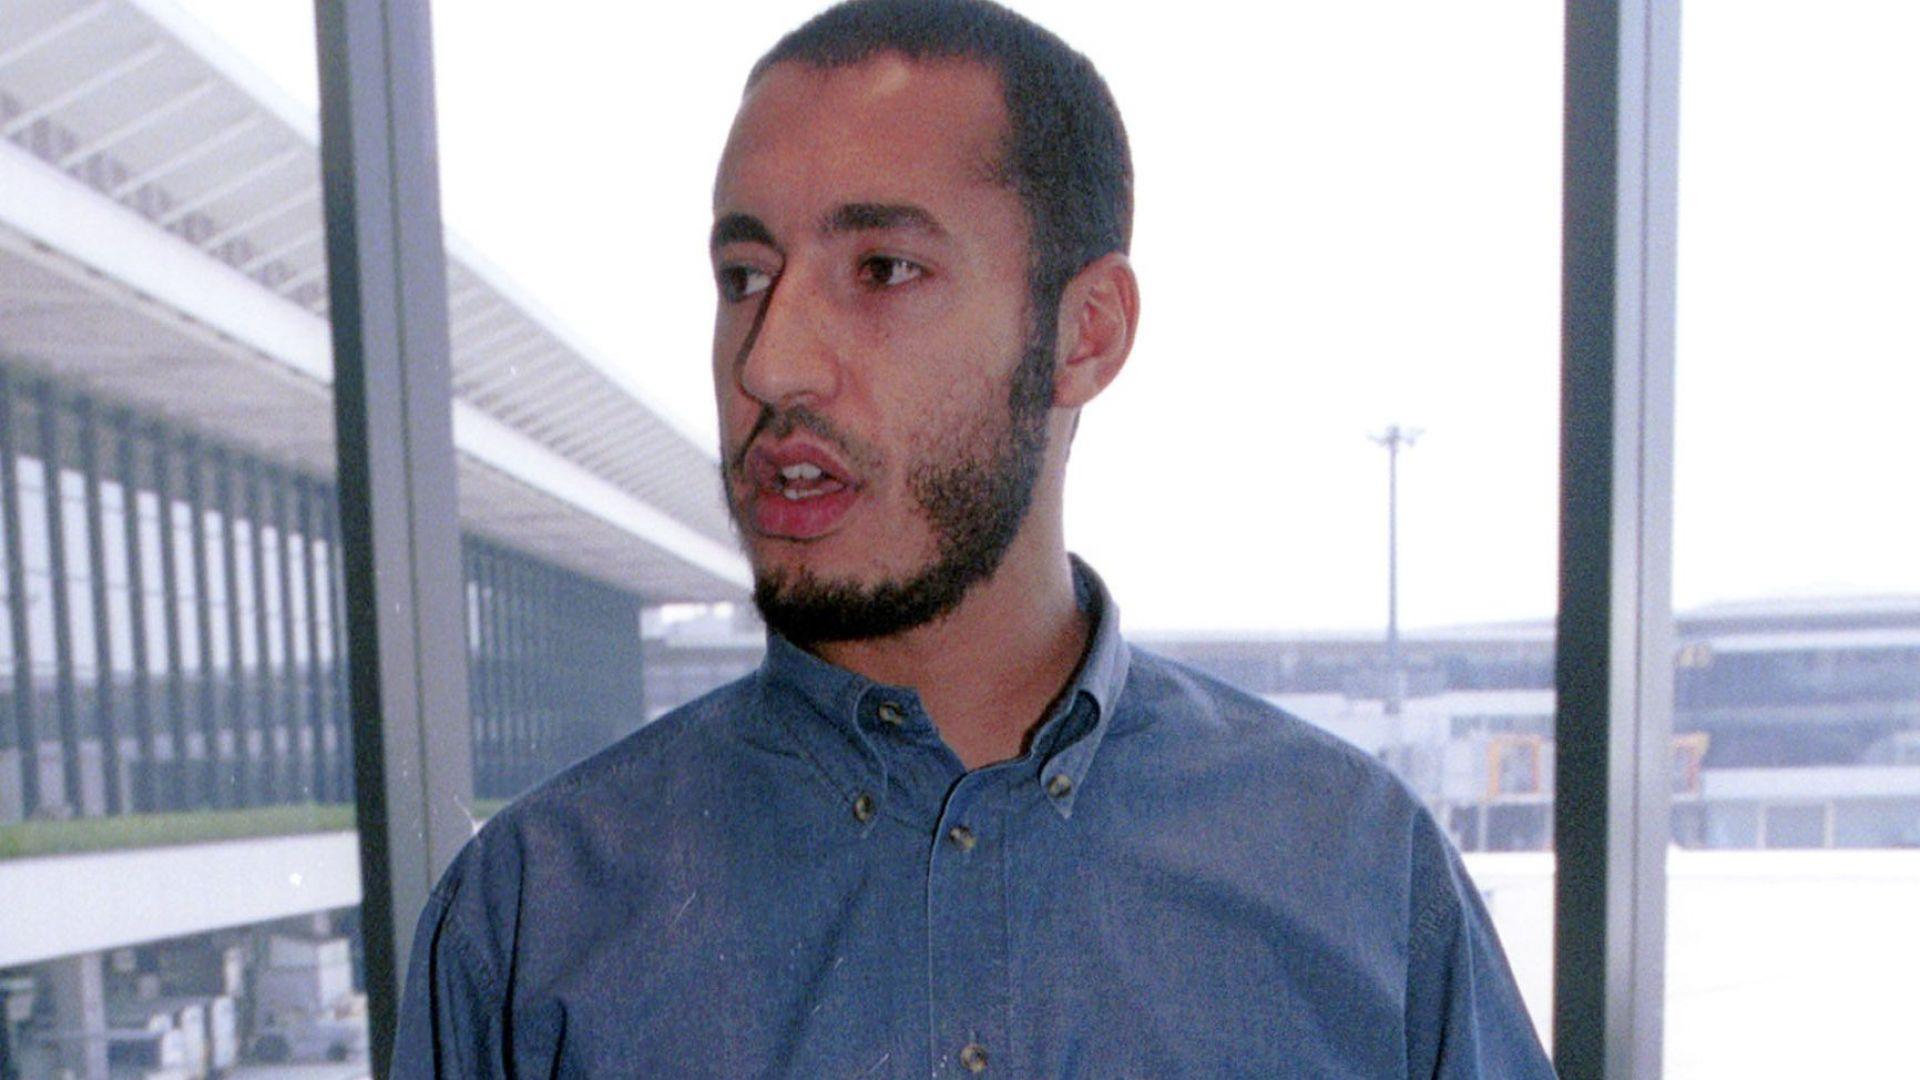 Един от синовете на Муамар Кадафи замина за Турция след 7 г. в либийски затвор